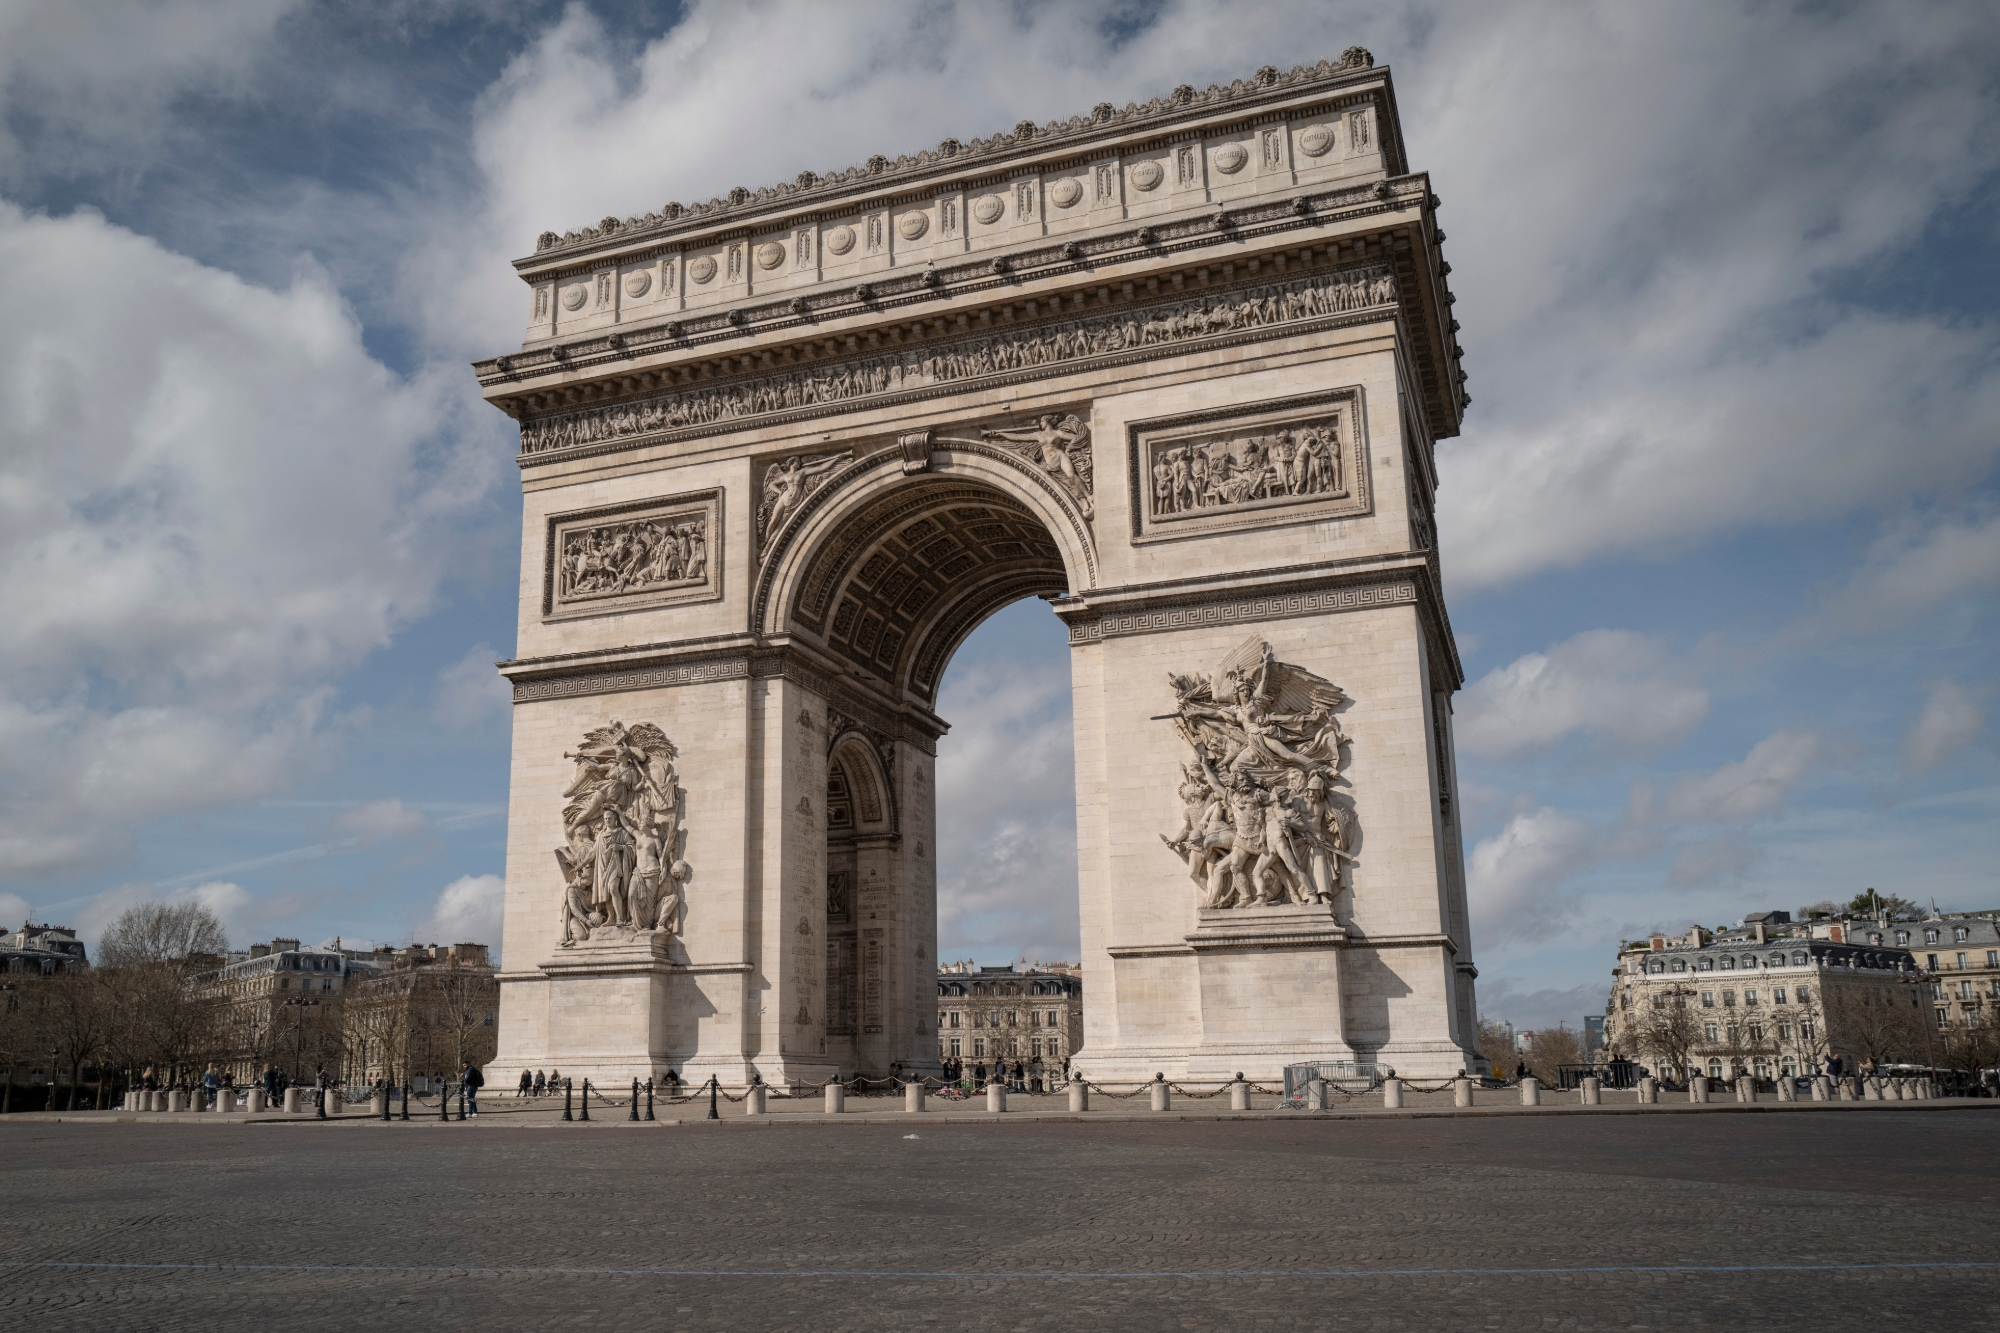 Alain-Badiou-Coronavirus-Opinion-Francia-2020-Articulo-Opinion-Politica-COVID-19, Ciudad de México, 30 de marzo 2020